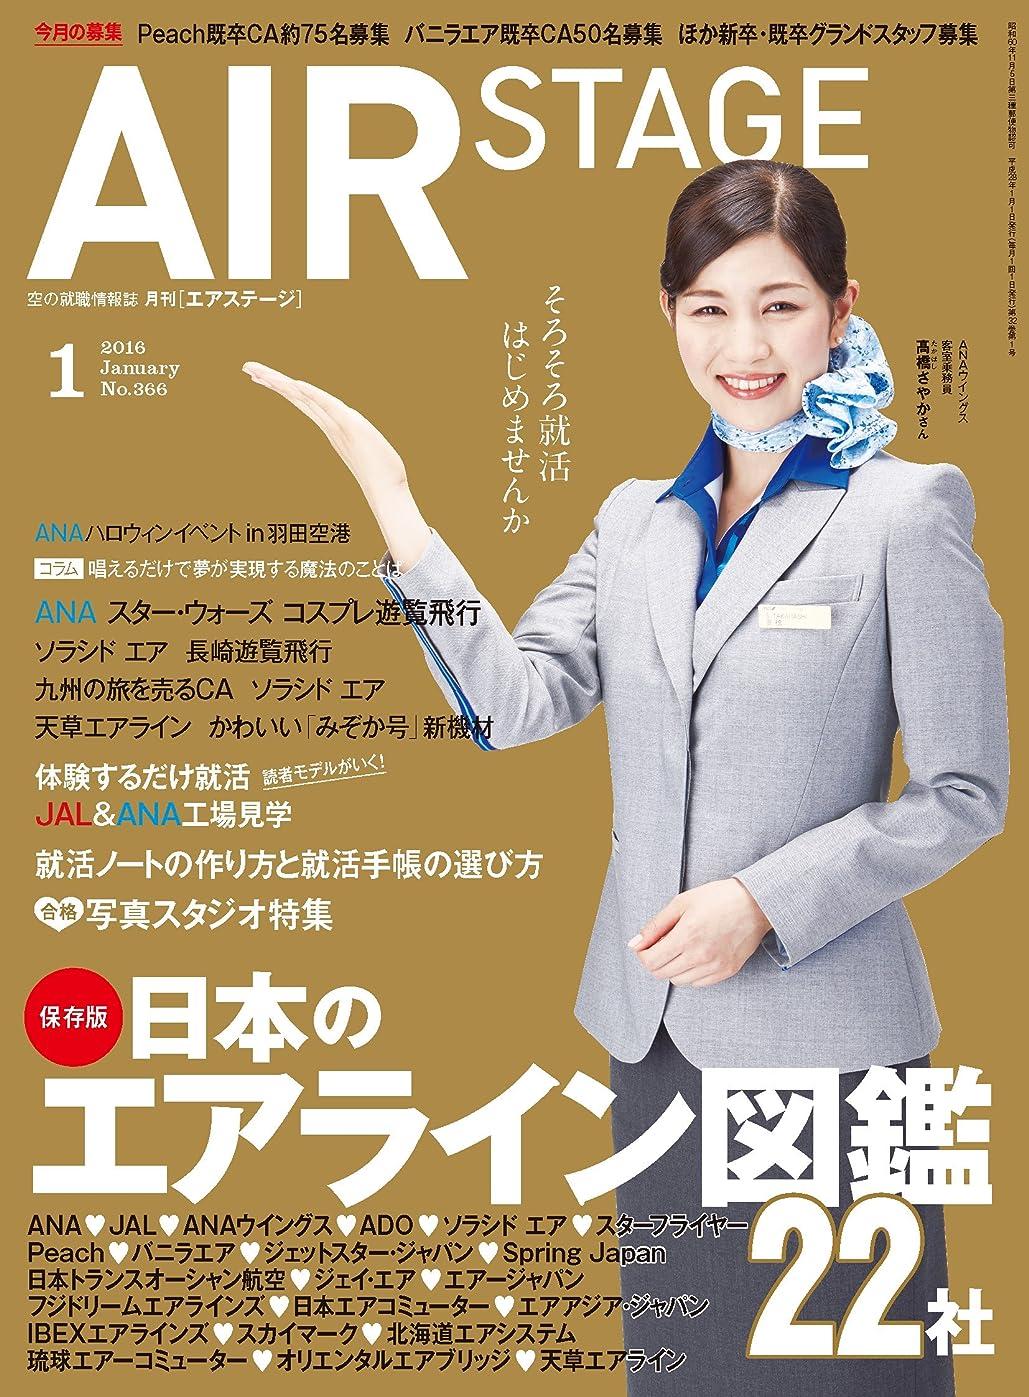 金属アナログ十分にドカント 2014年5月号 (2014/4/16発売号)